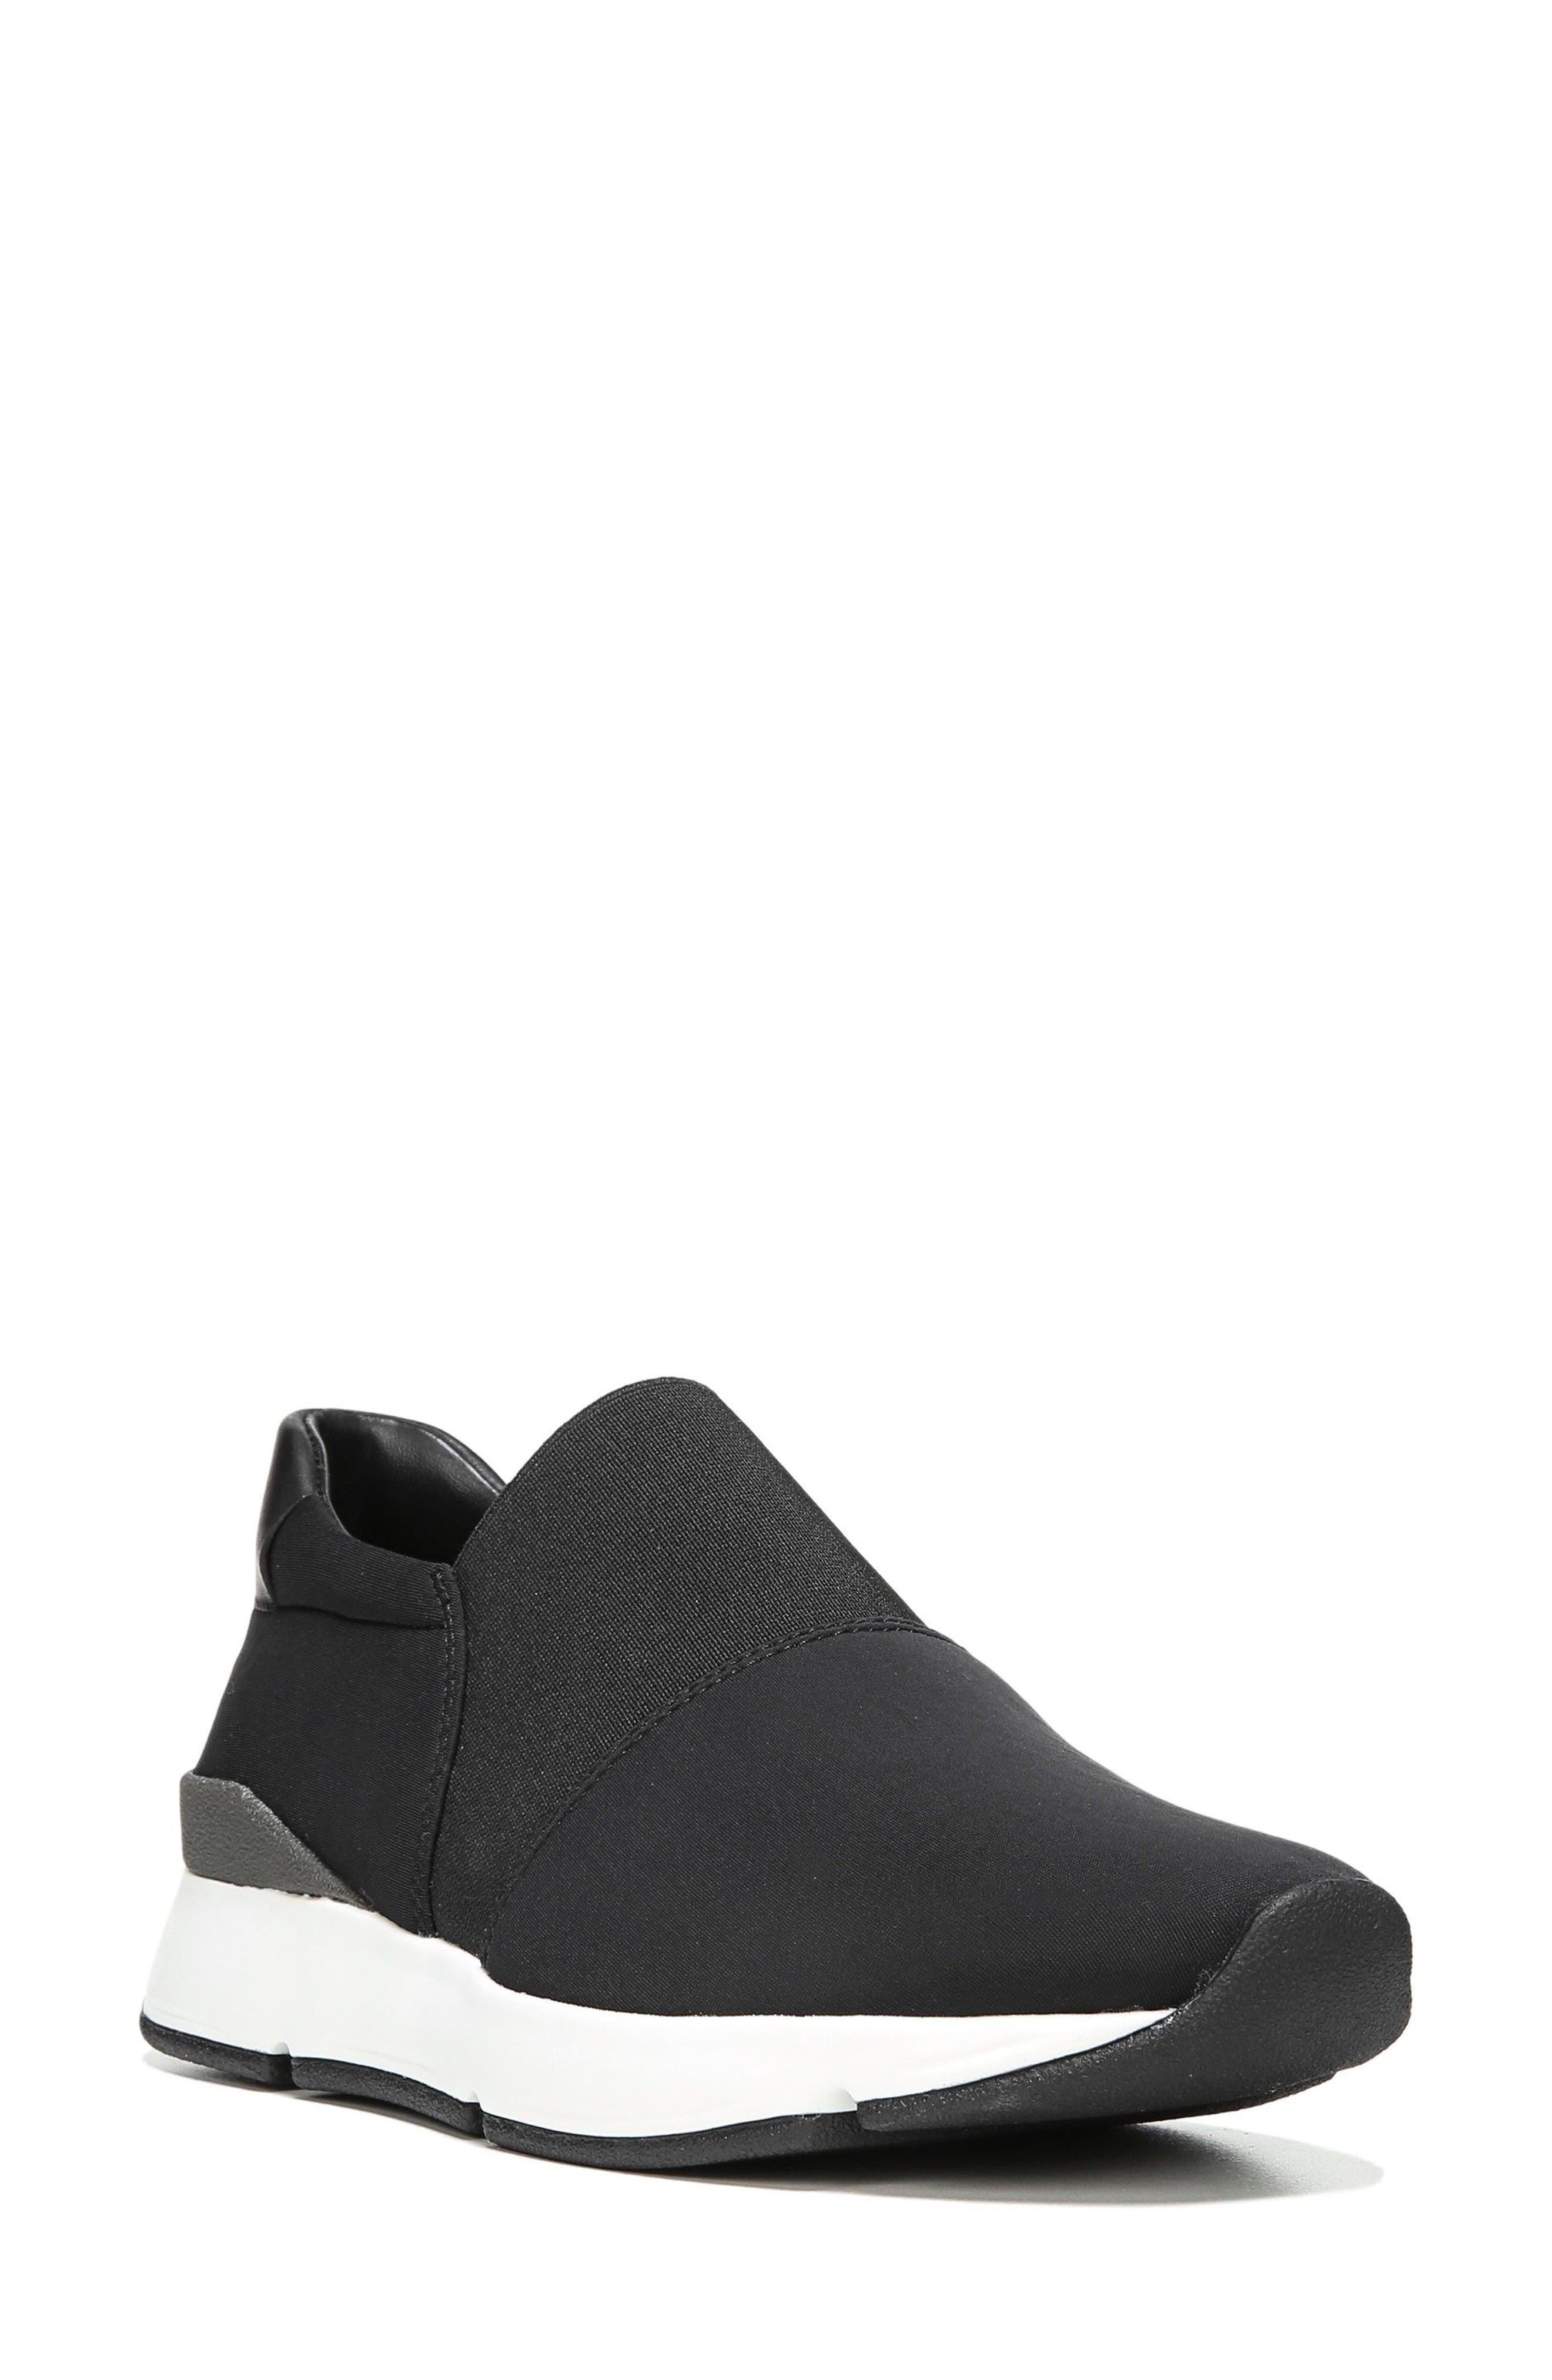 Mens Copper Designer Shoes Black Wales MJ0059